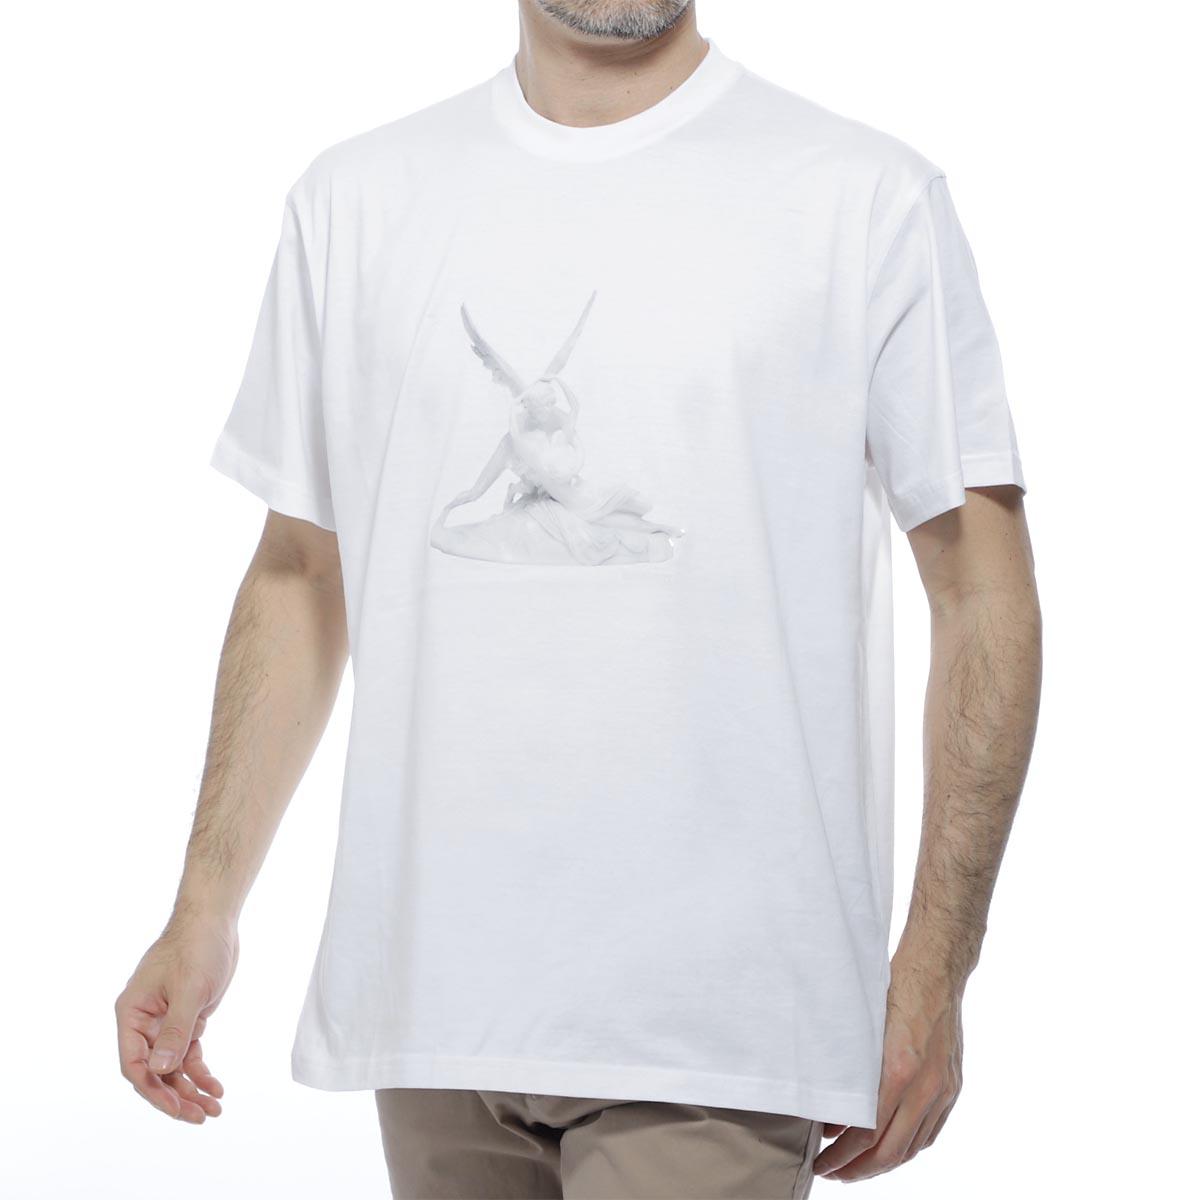 バーバリー BURBERRY クルーネック Tシャツ ホワイト メンズ カジュアル トップス インナー スポーツ 半袖 8024365 white WALLACE ウォレス【あす楽対応_関東】【返品送料無料】【ラッピング無料】